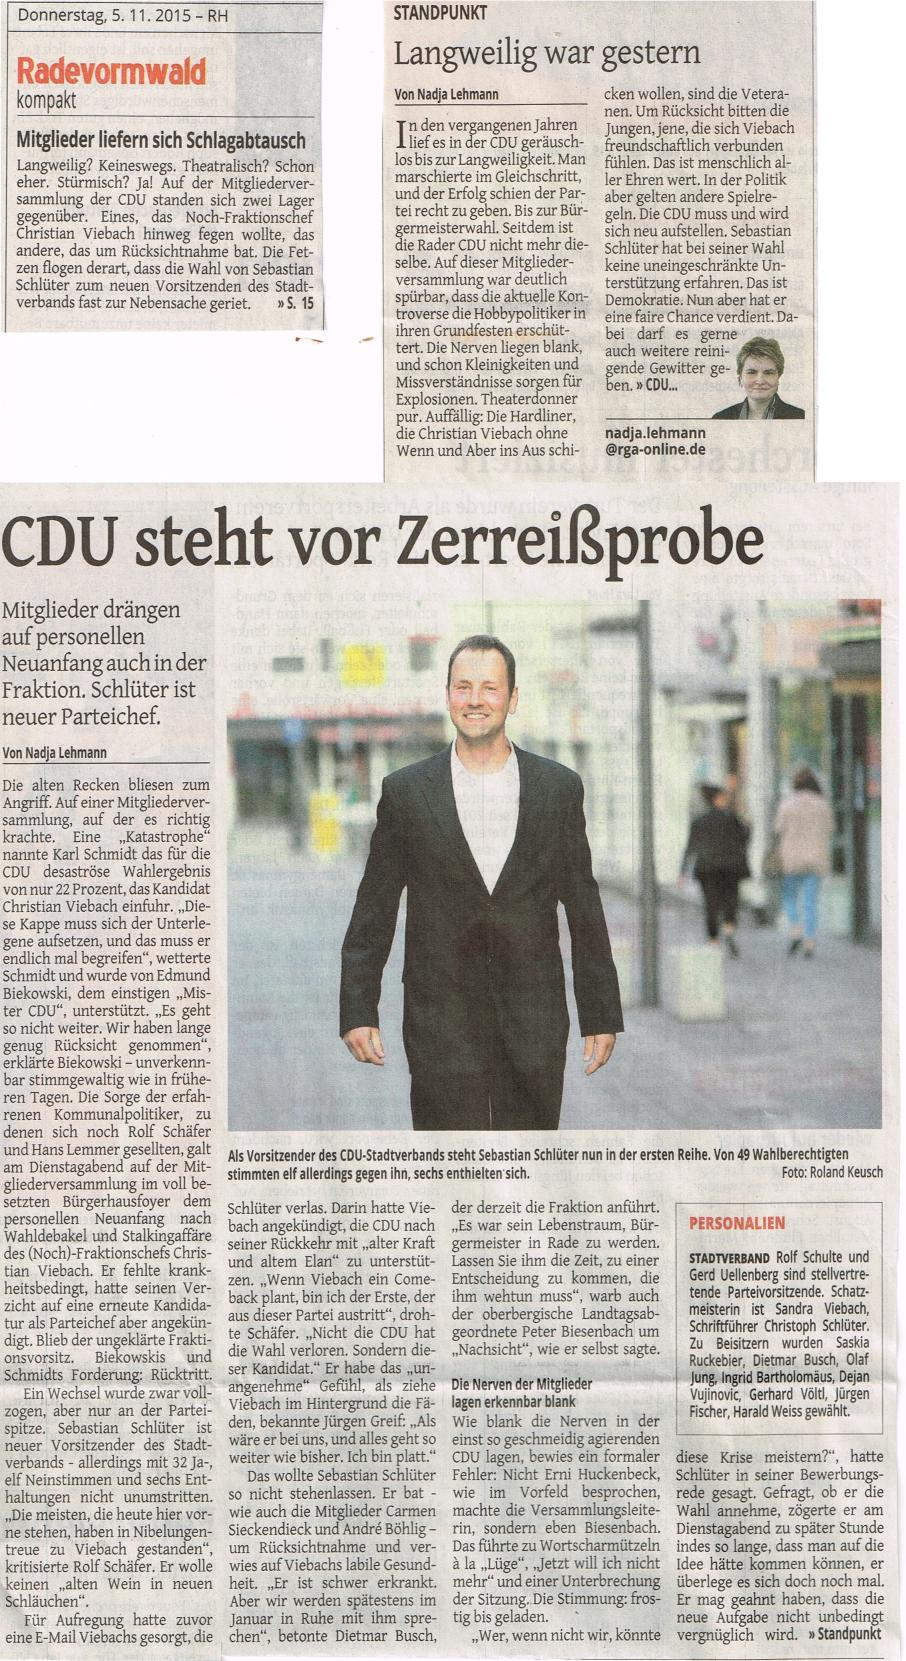 rga_15-11-05_CDU-steht-vor-Zerreissprobe_WEB.png